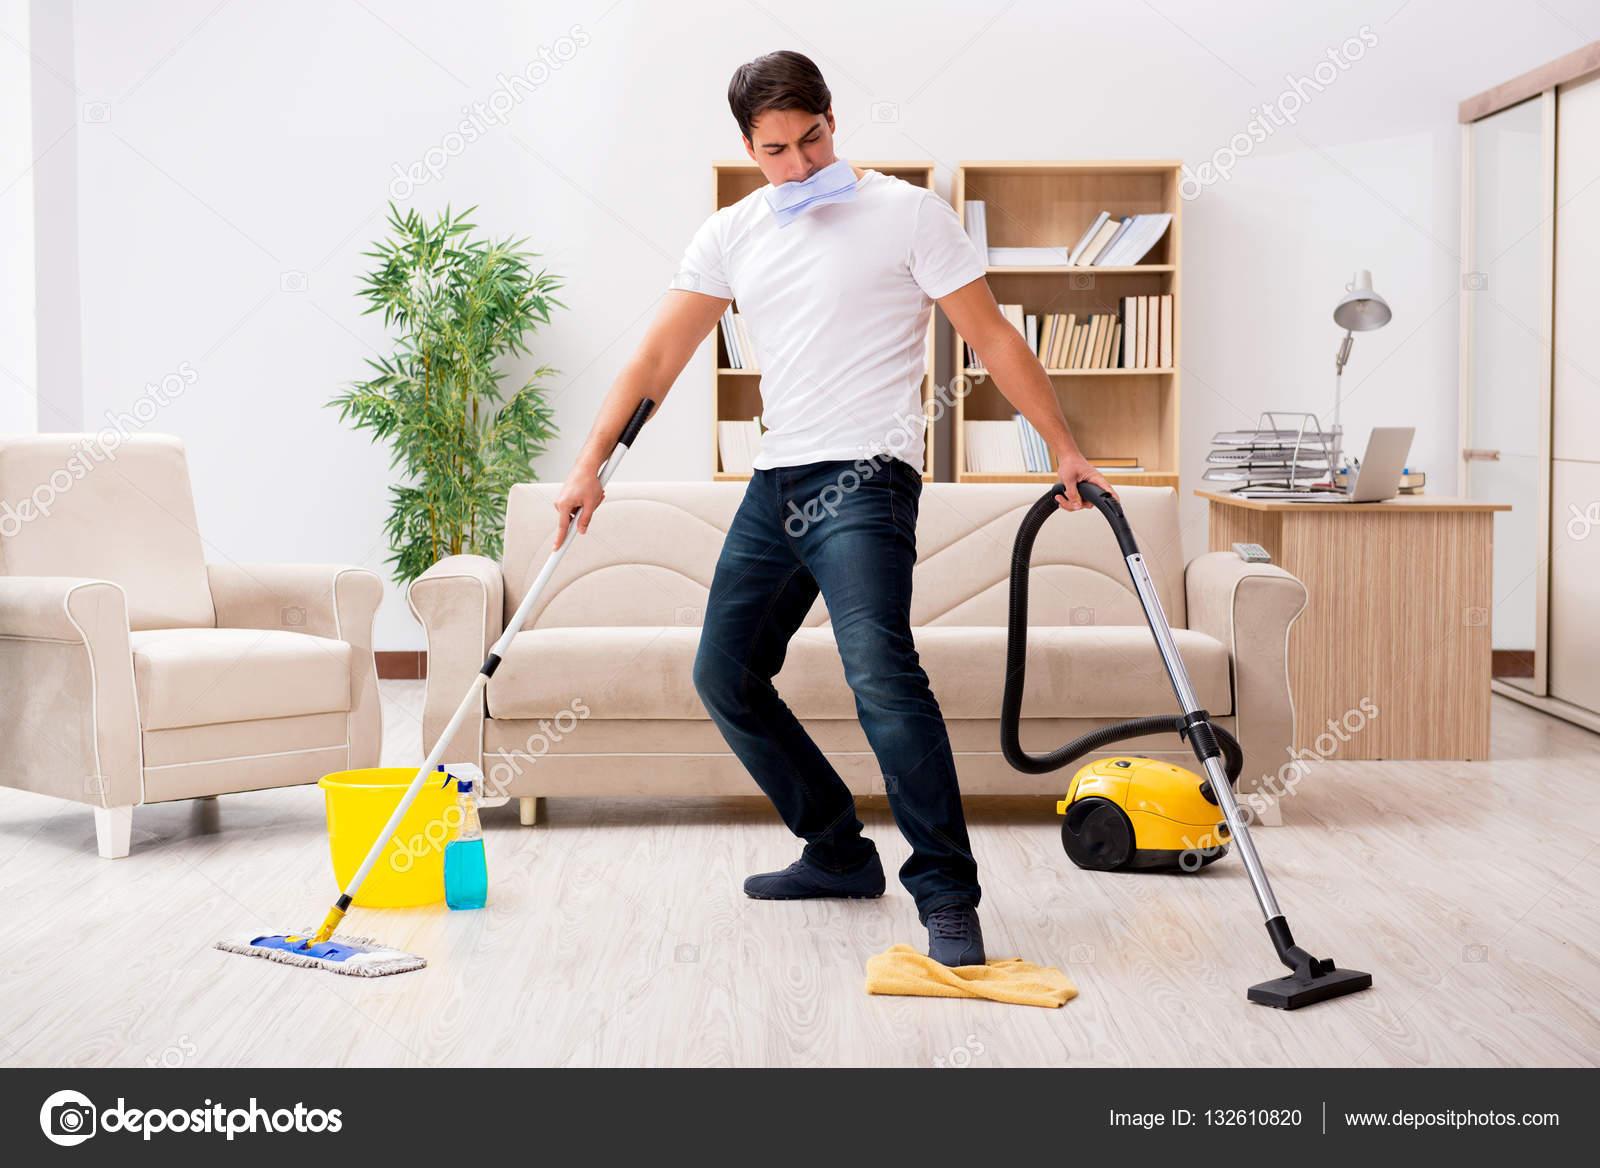 Hombre de hogar limpieza con aspiradora foto de stock for House cleaning stock photos